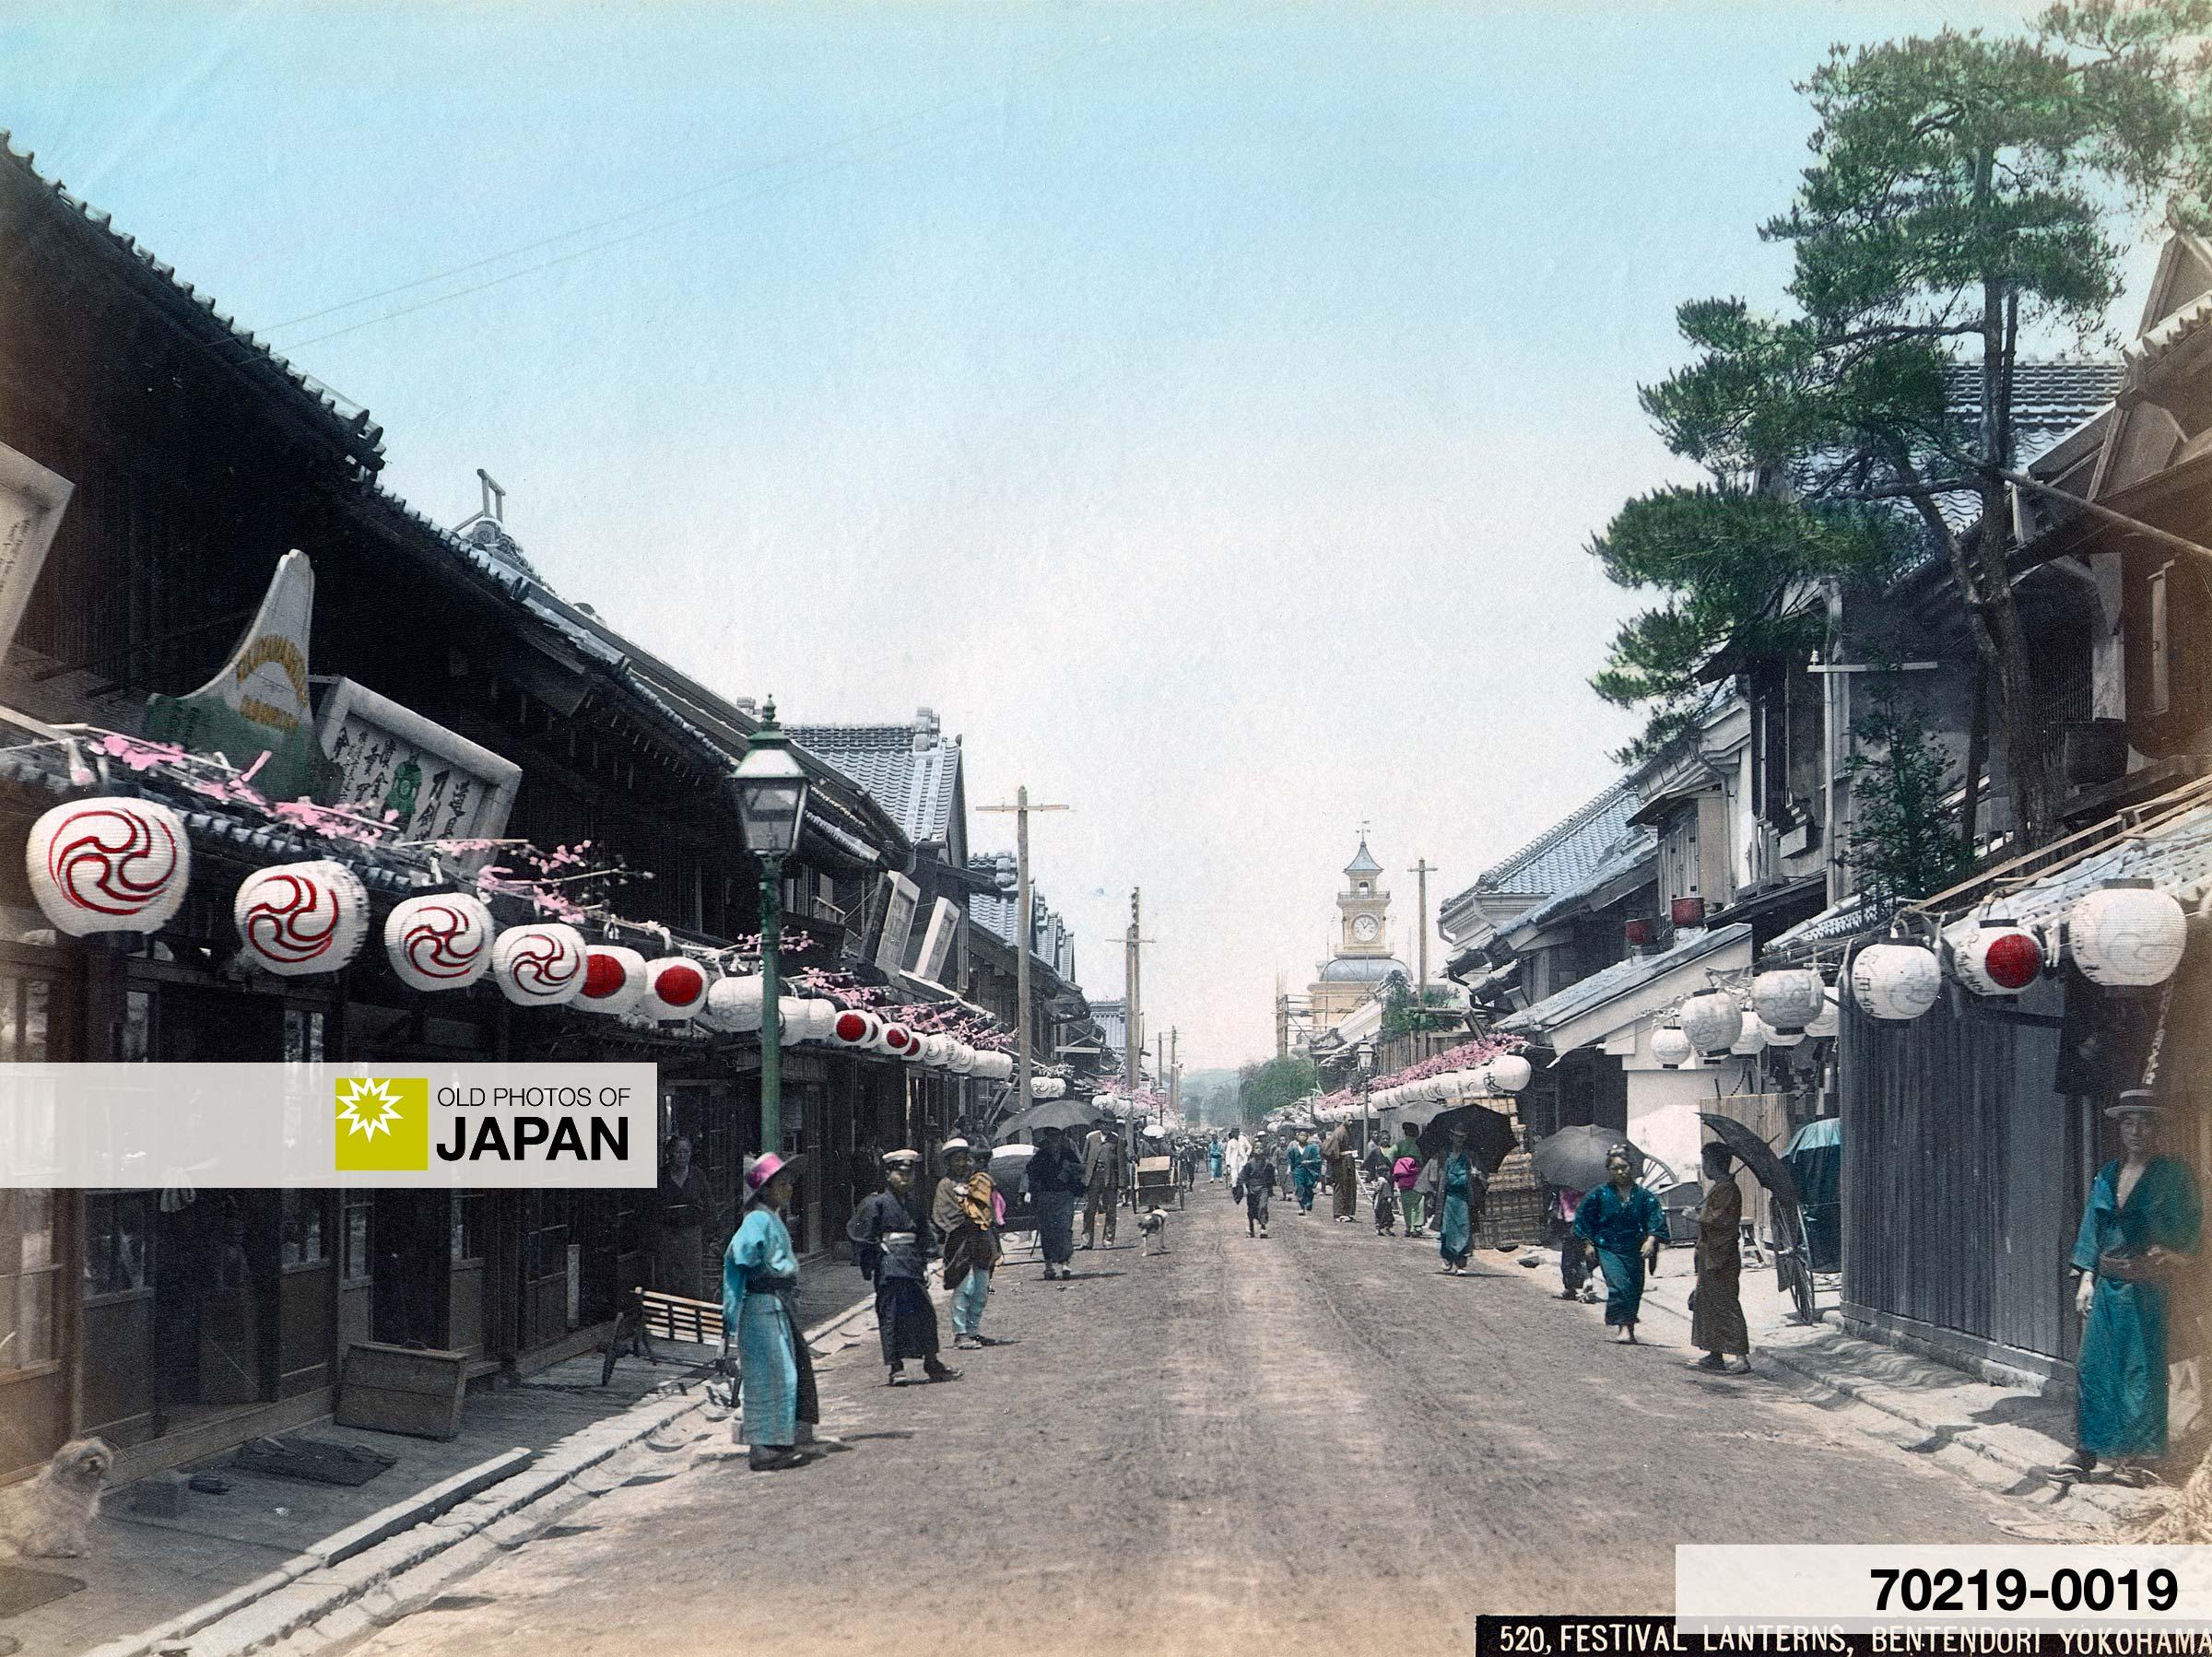 Bentendori, Yokohama